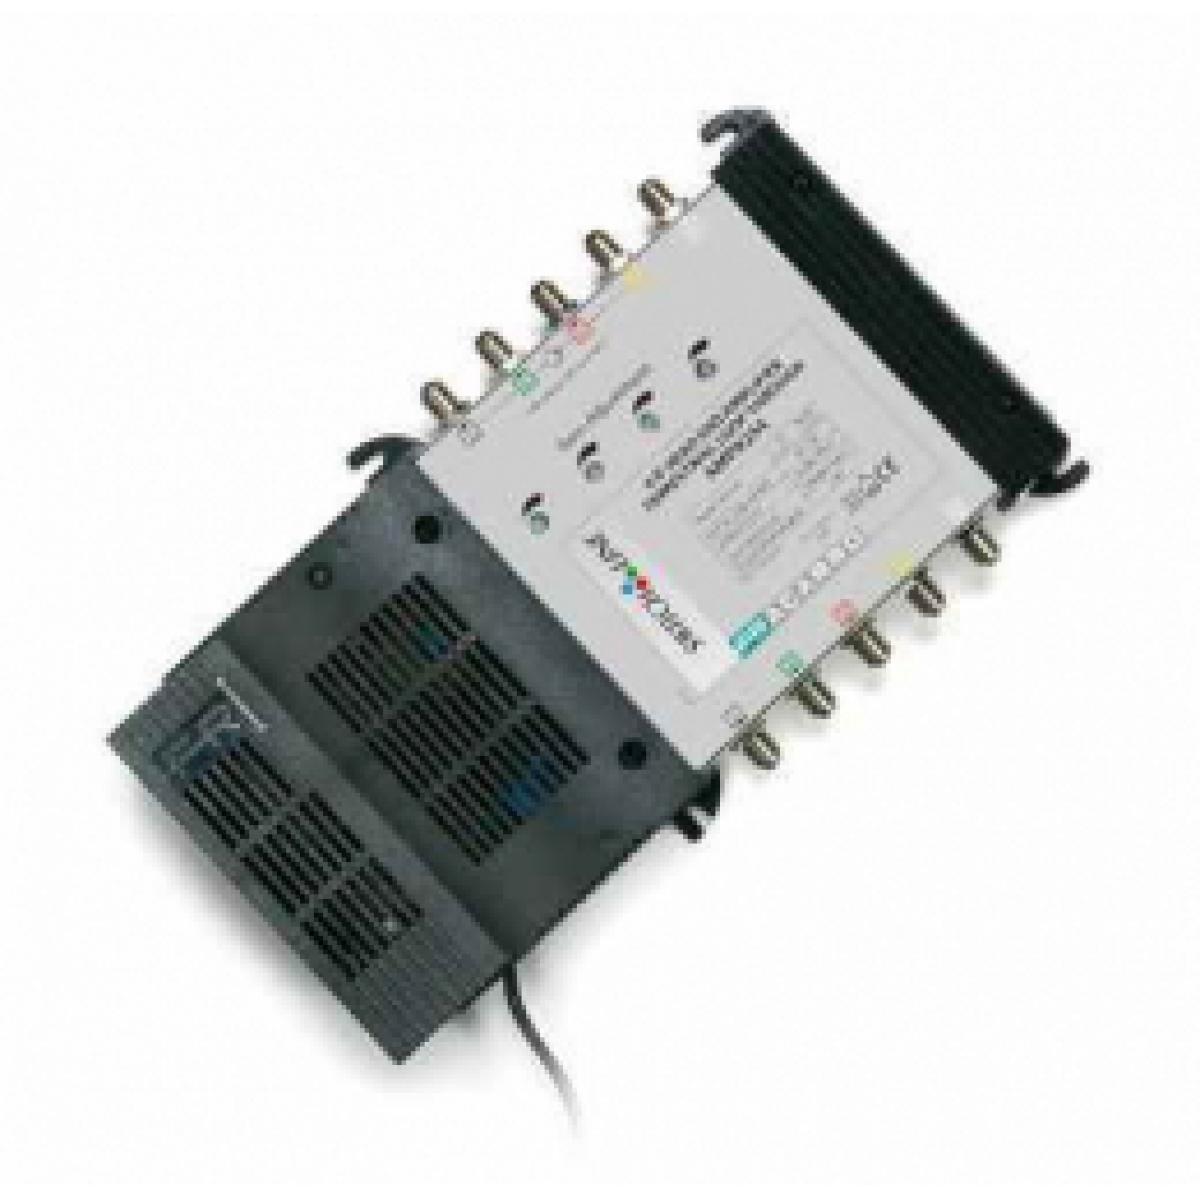 Amp9254 head-end 4+1 112dbu 271031 fracarro